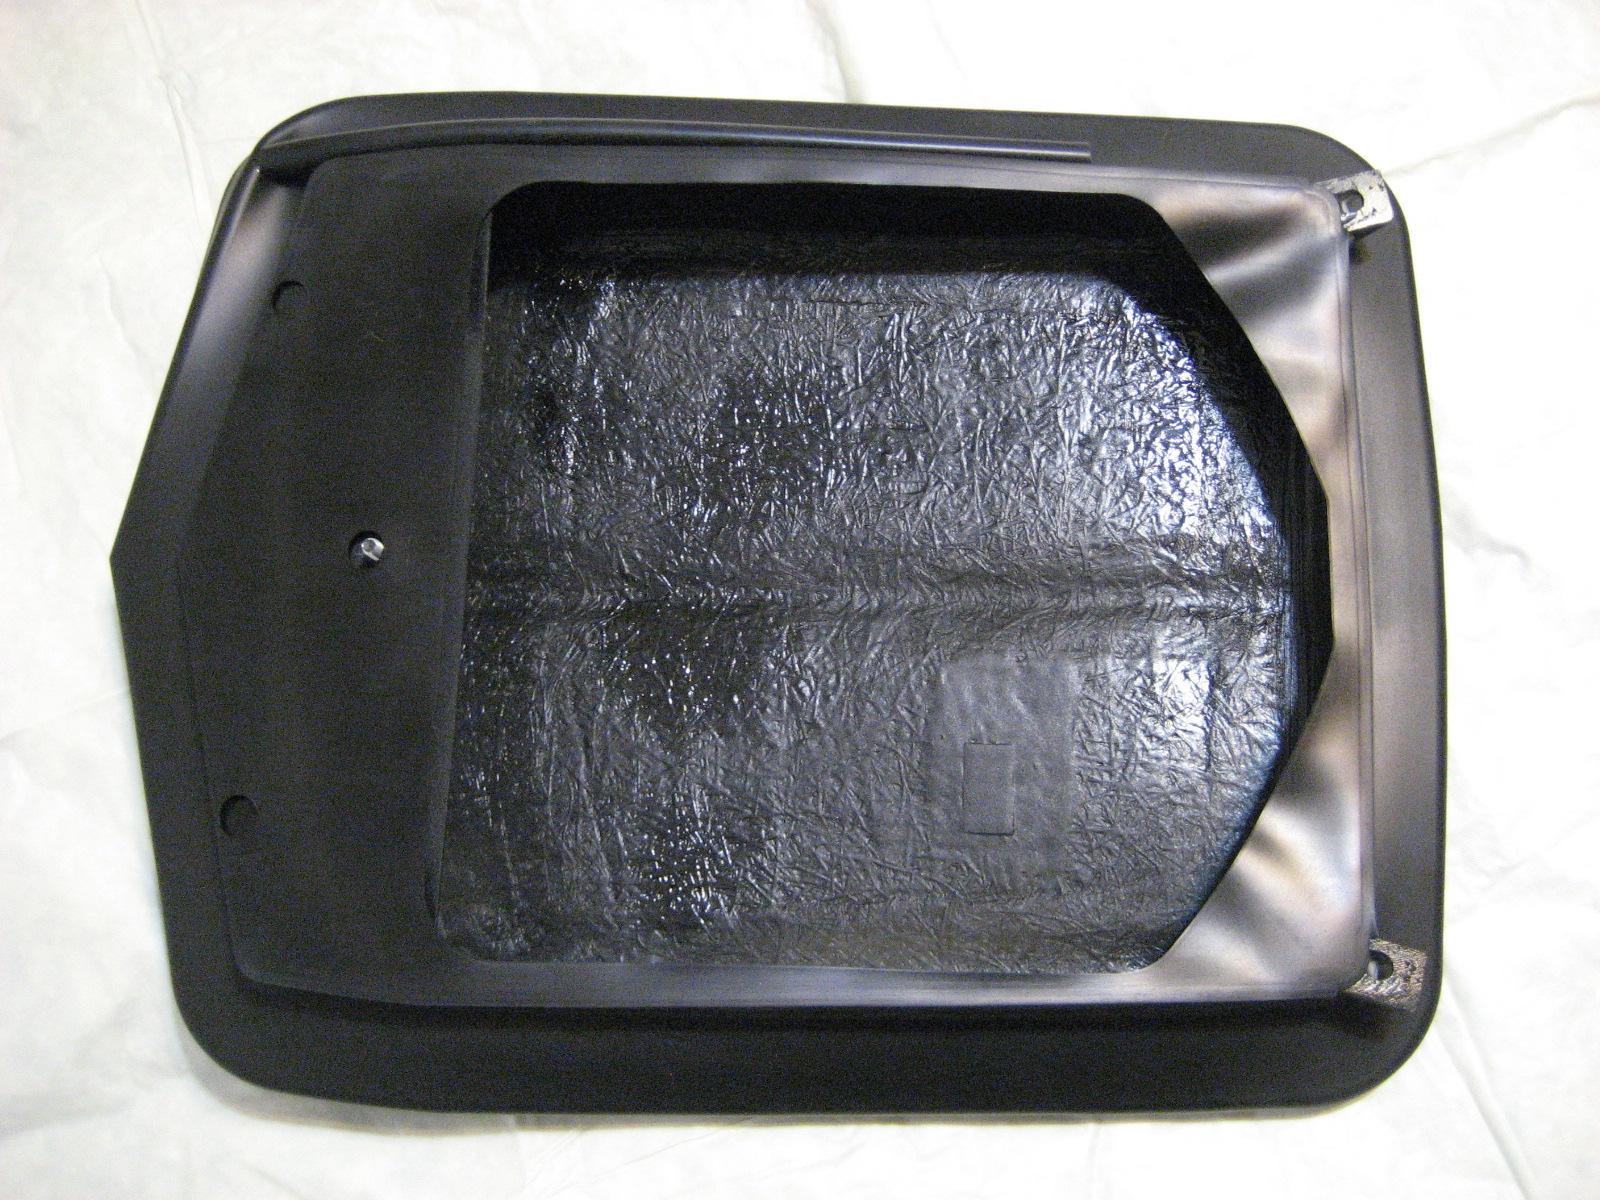 FordRamAir com Torino Shaker Seal